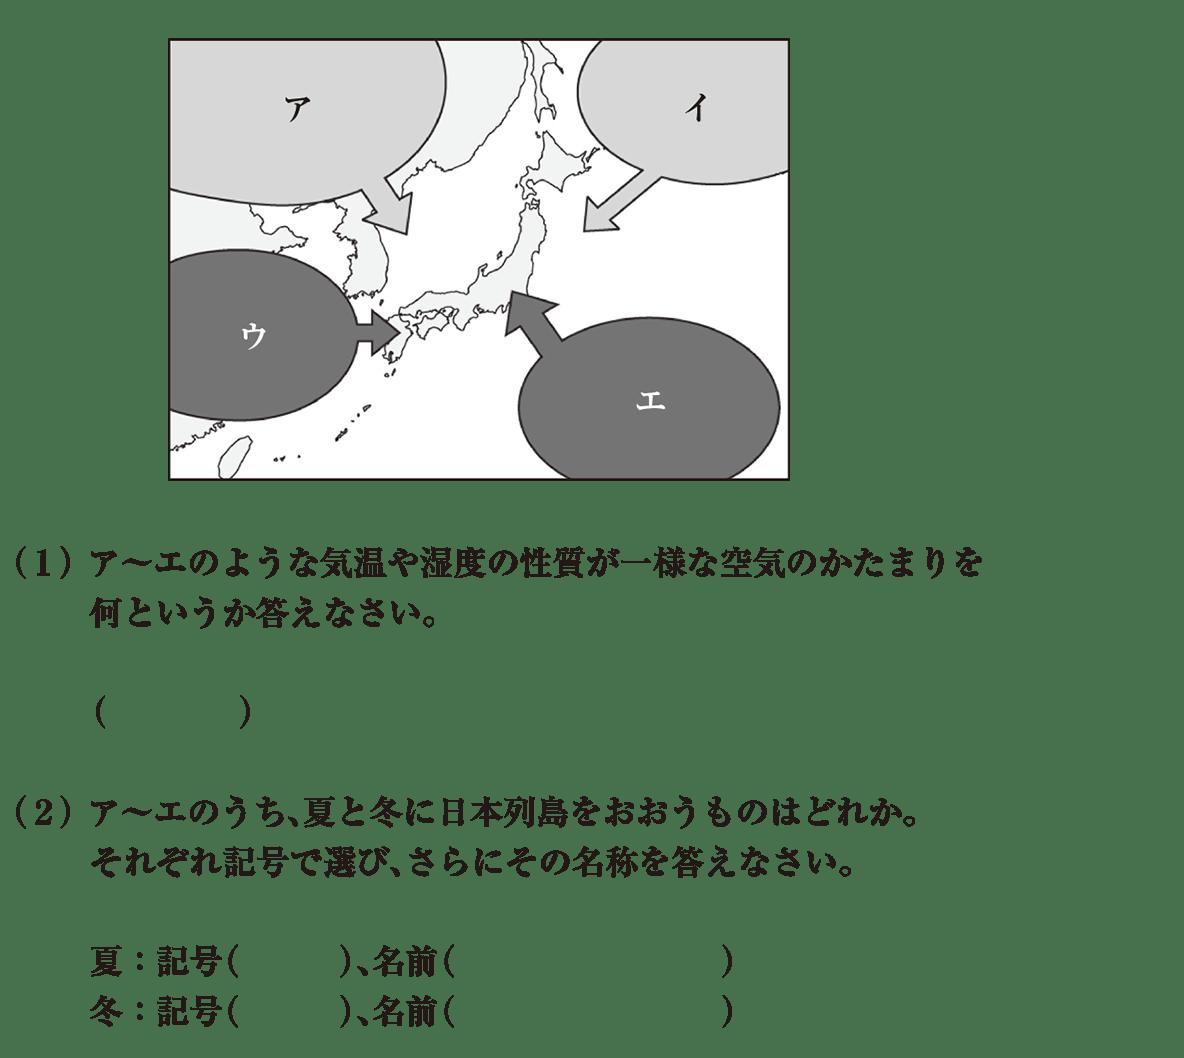 中2 地学8 練習(1)(2) 答えなし